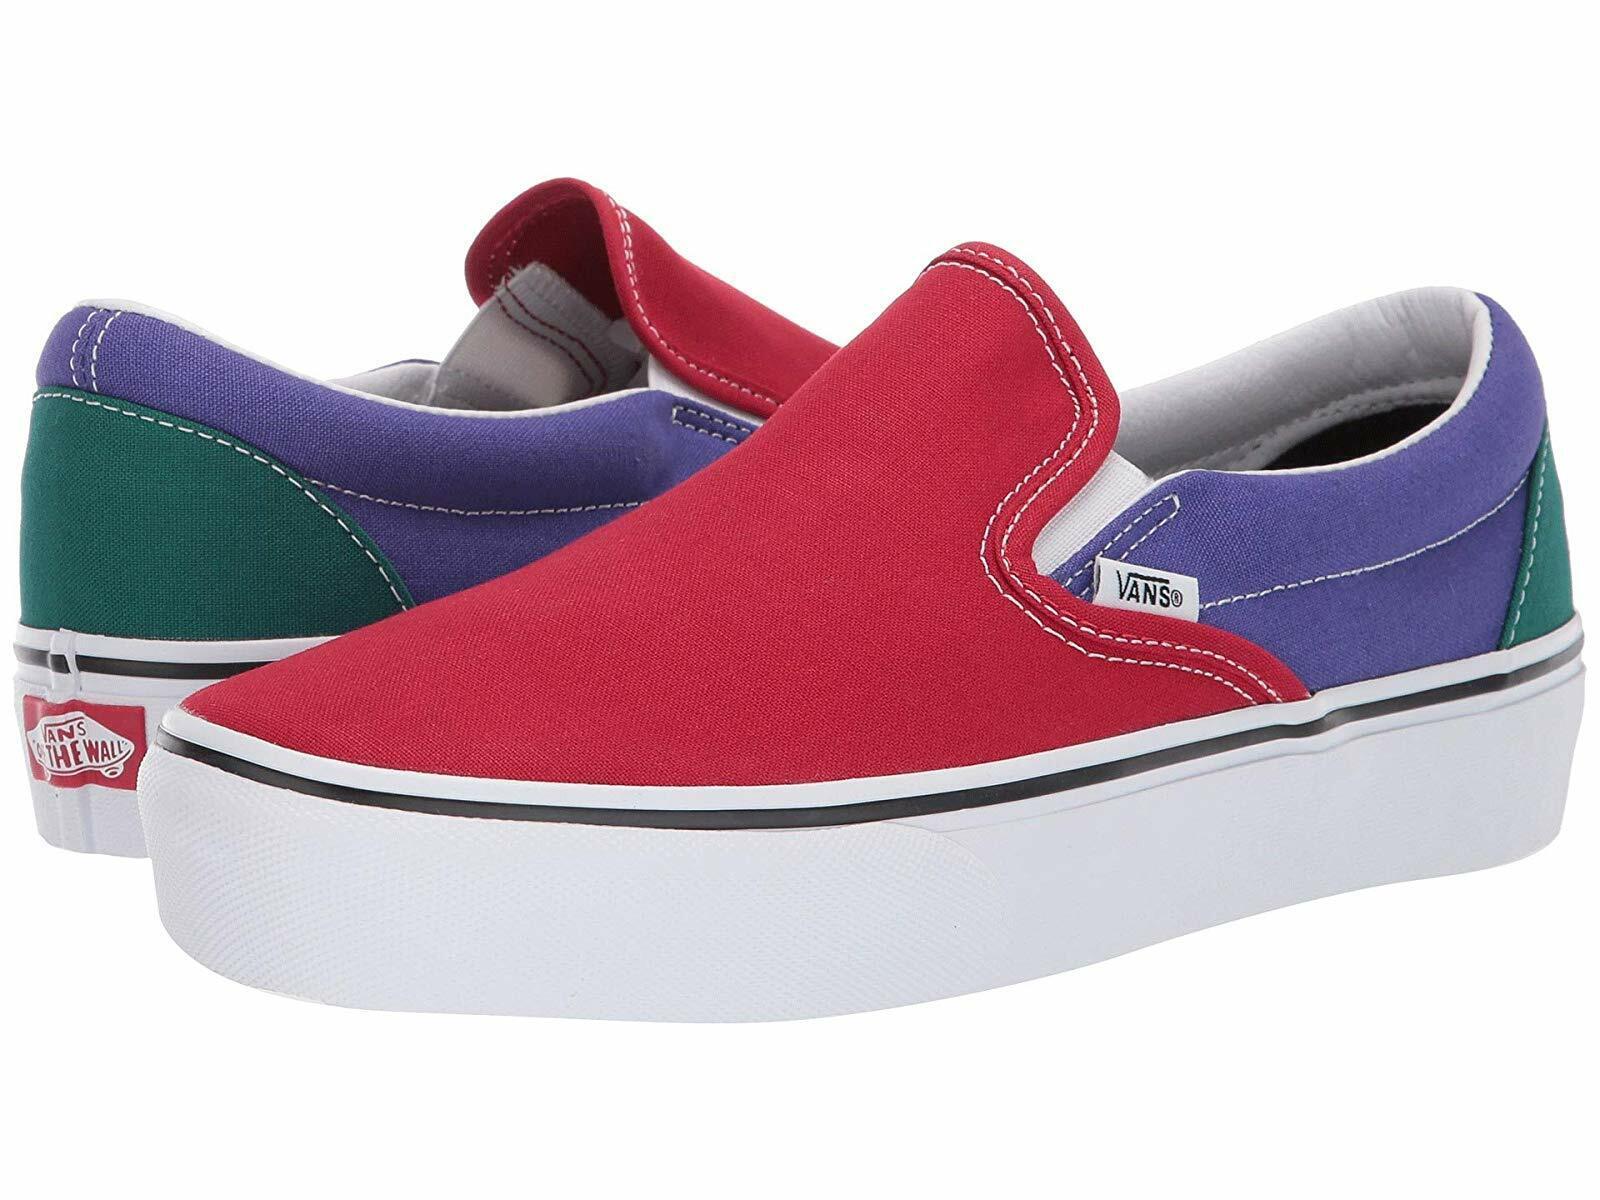 Le scarpe da ginnastica delle  donne e le scarpe atletiche Vans Classic Slip -On Platform  caldo